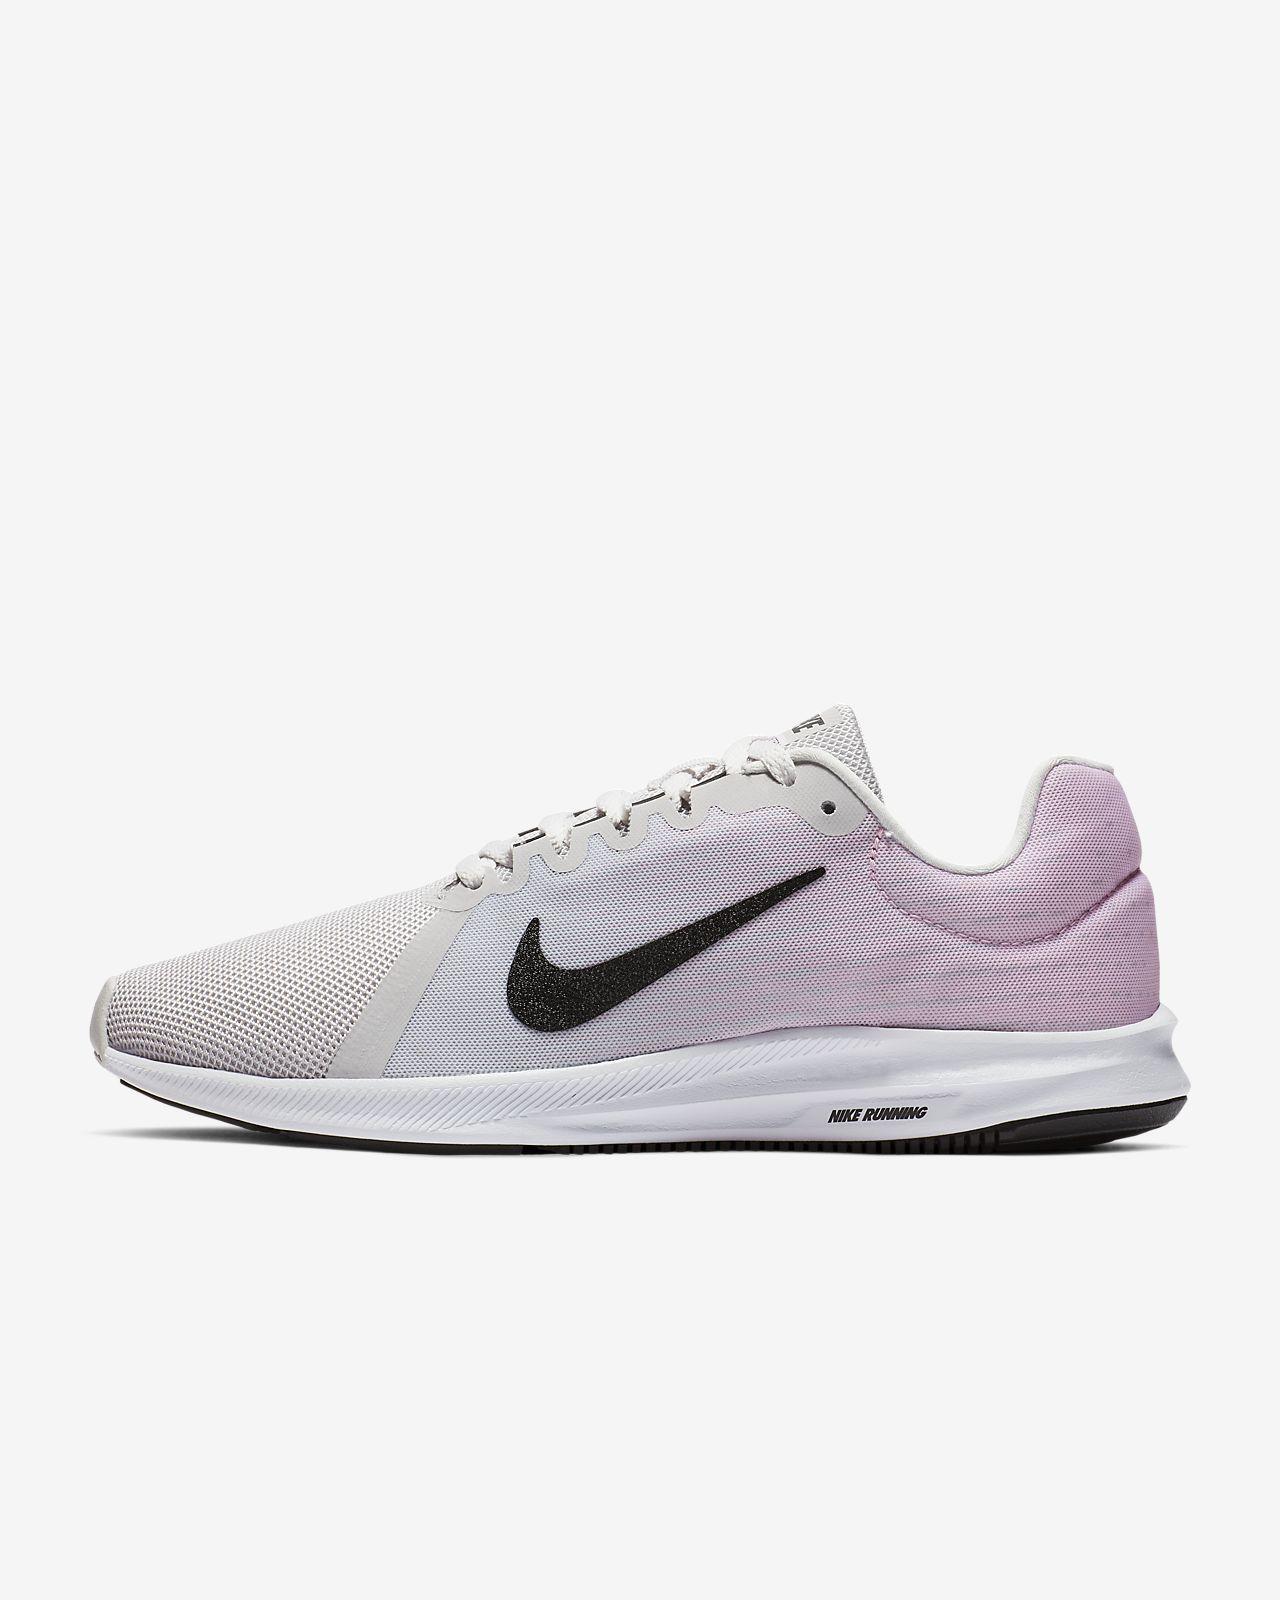 De Mujer Running Cl Calzado Para Nike Downshifter 8 dwtfnqT5n